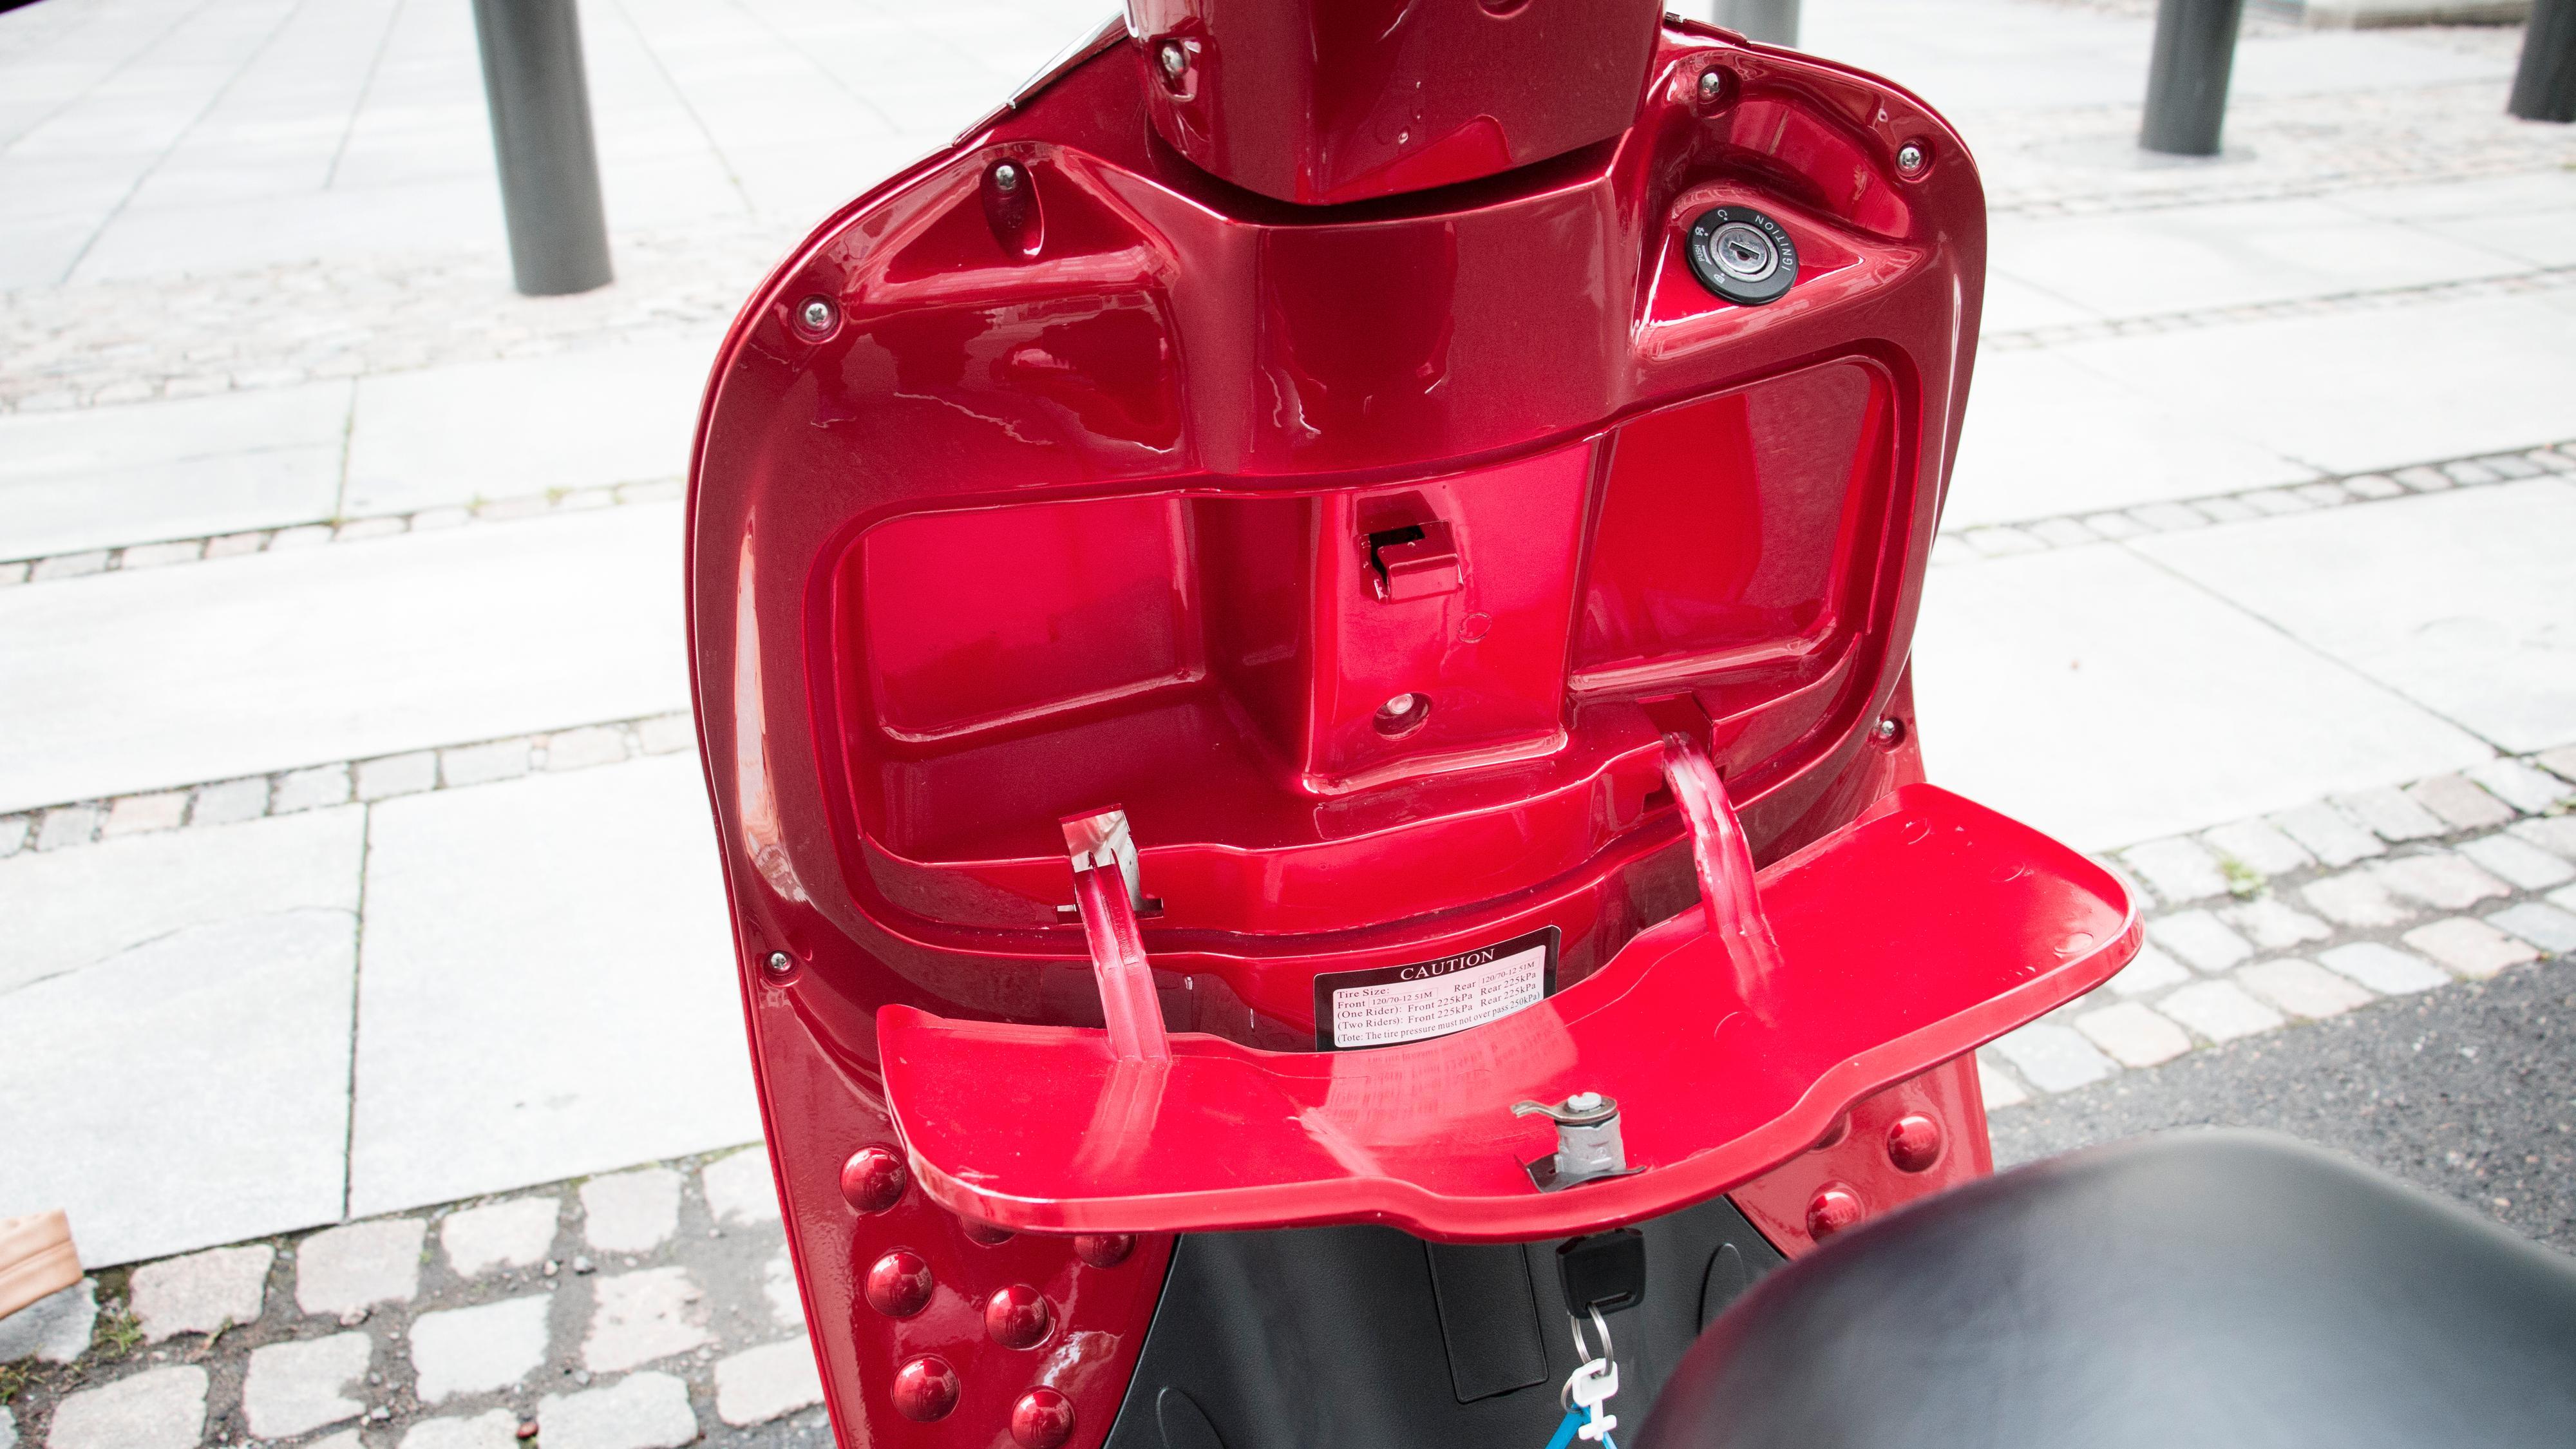 Foran på scooteren finnes det et lite oppbevaringsrom. Både luka og plasthengslene virker imidlertid svært lite solide, så her gjetter vi kanskje at det kan bli trøbbel med holdbarheten etter hvert.